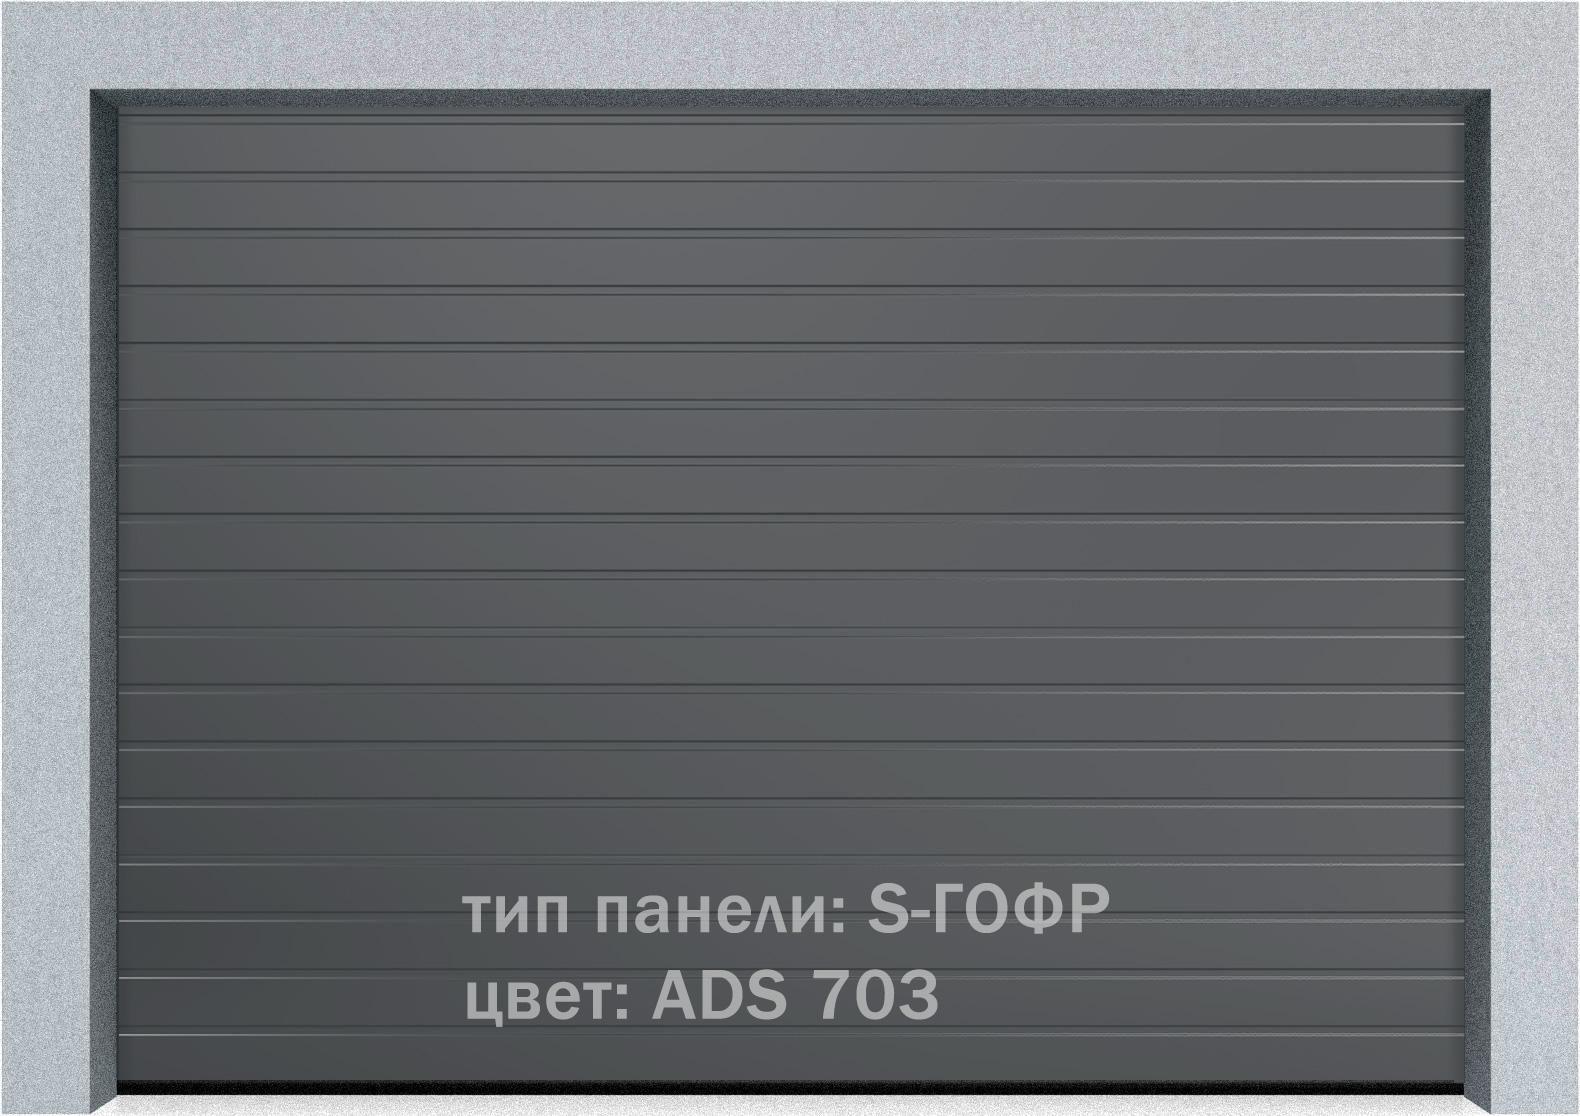 Секционные промышленные ворота Alutech ProTrend 1750х2500 S-гофр, Микроволна стандартные цвета, фото 10